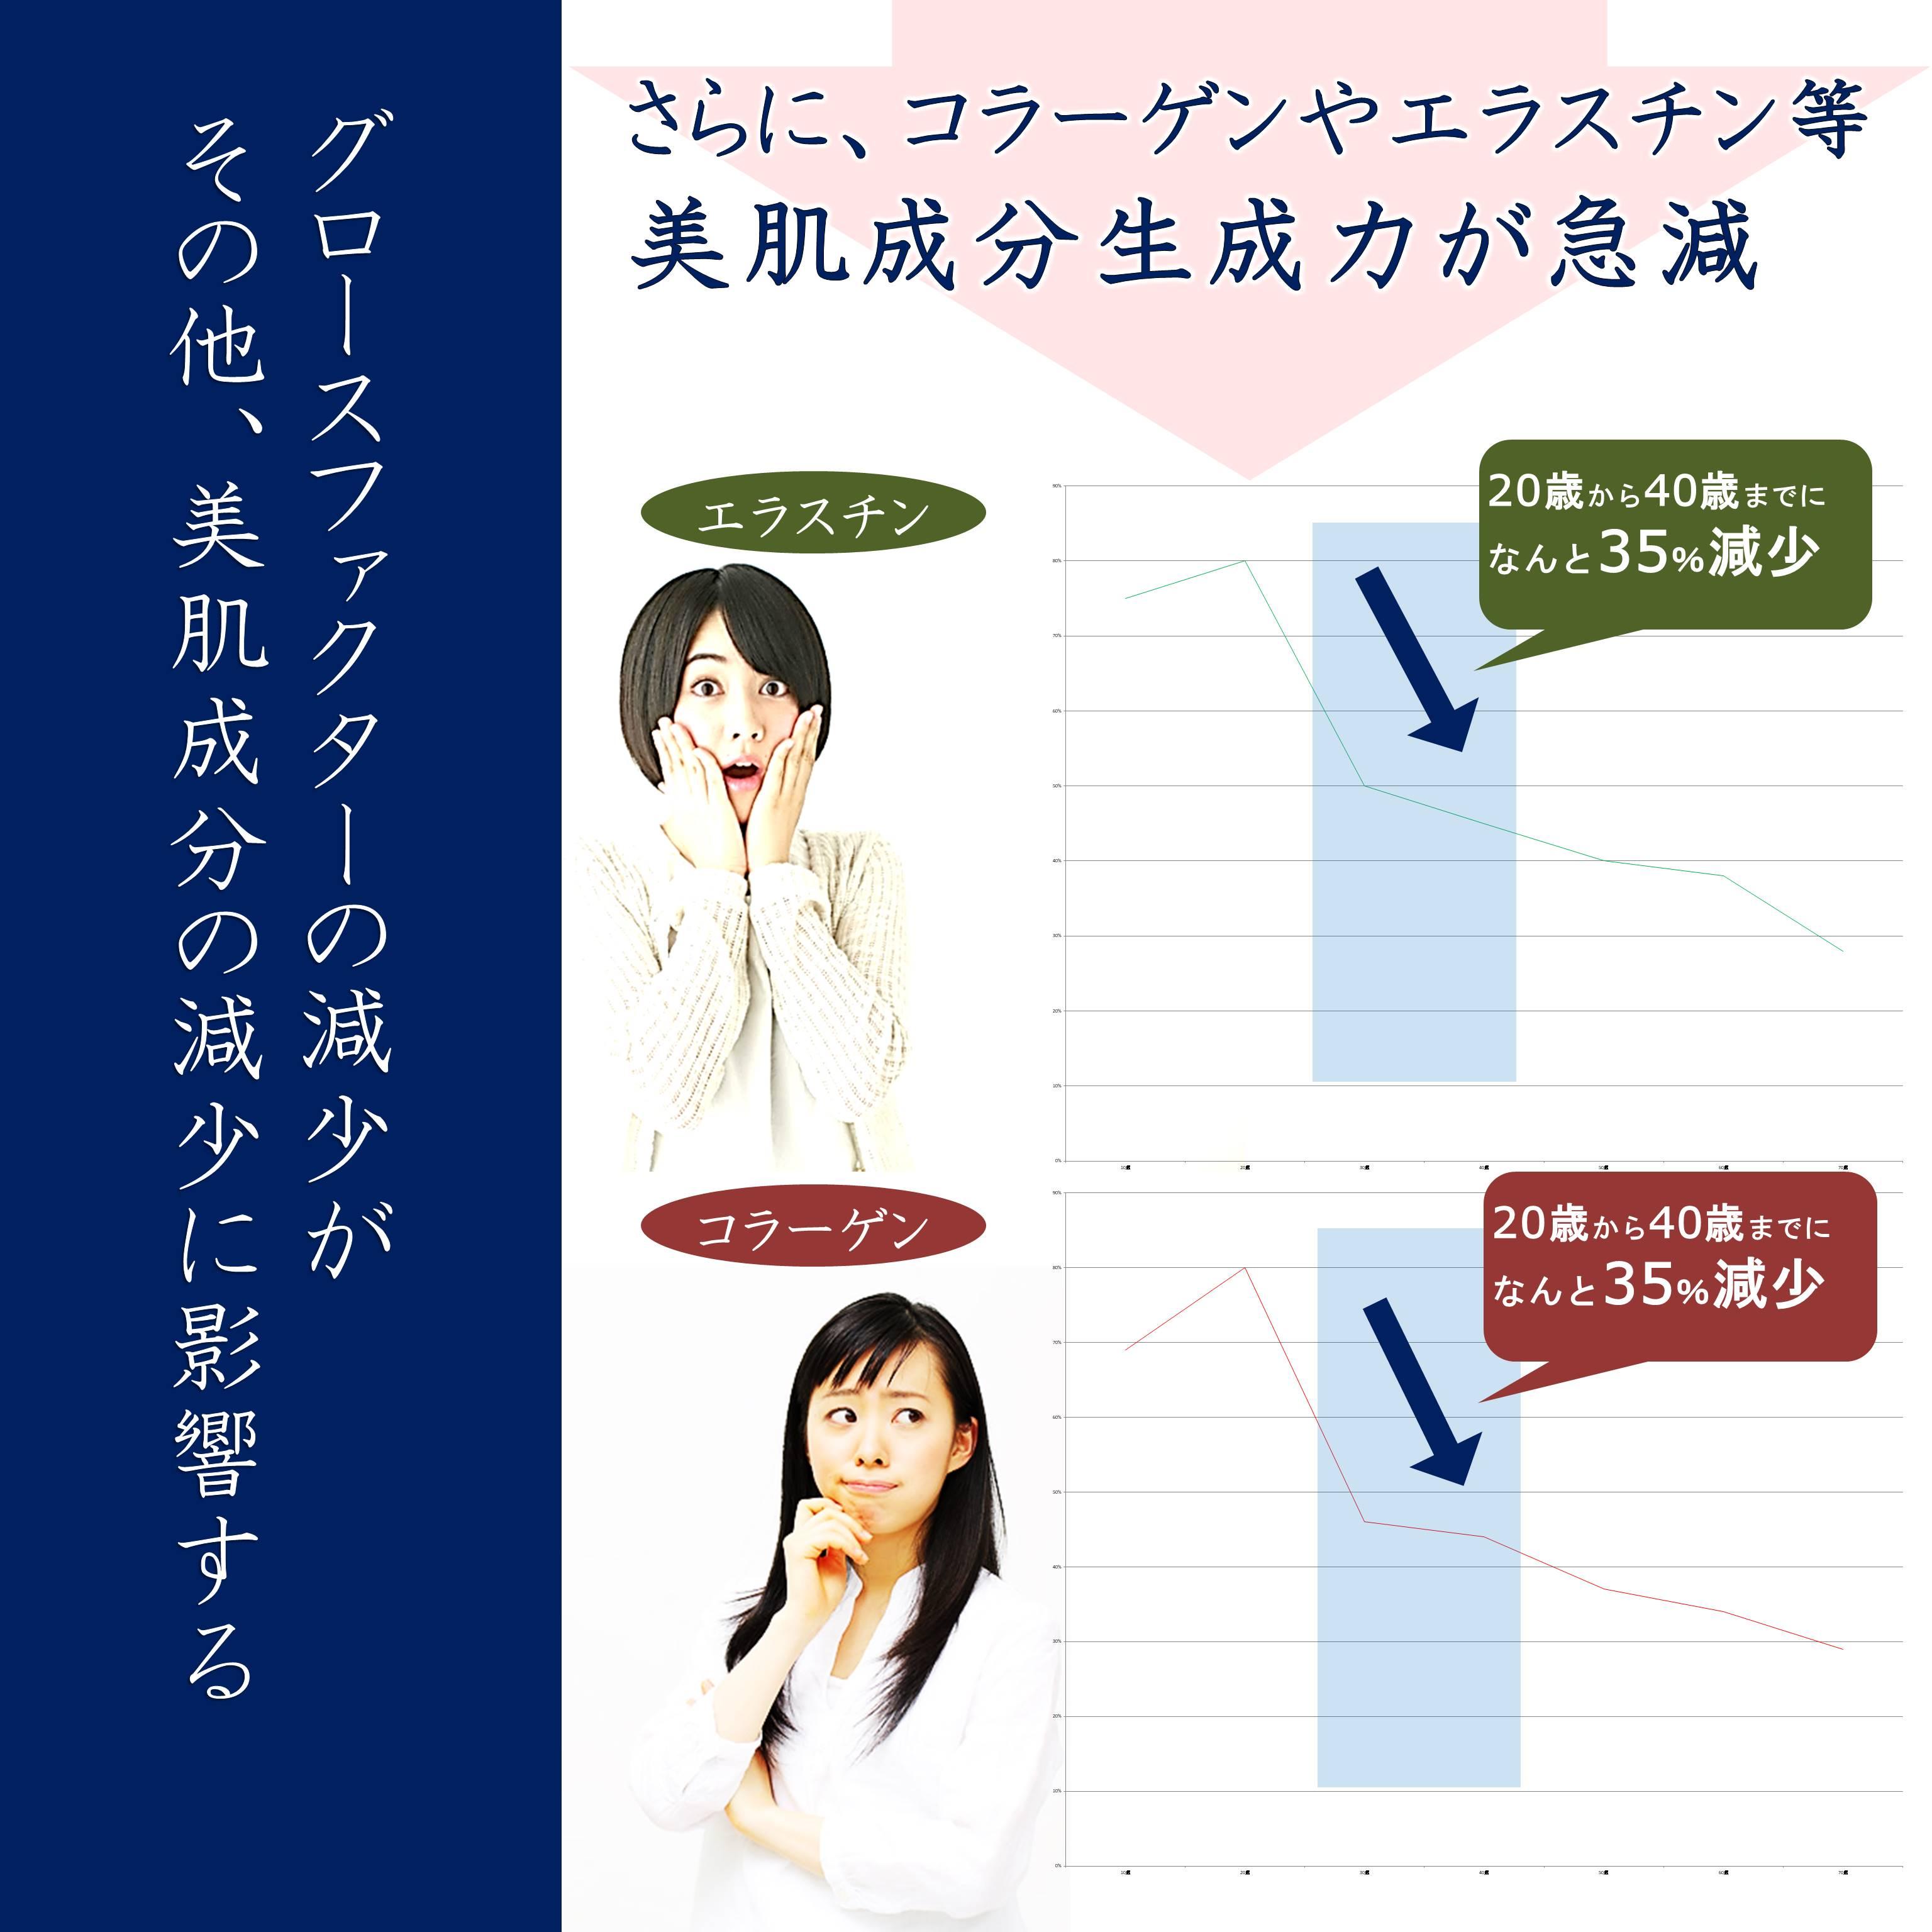 グロースファクターの減少がその他、美肌成分の減少に影響する